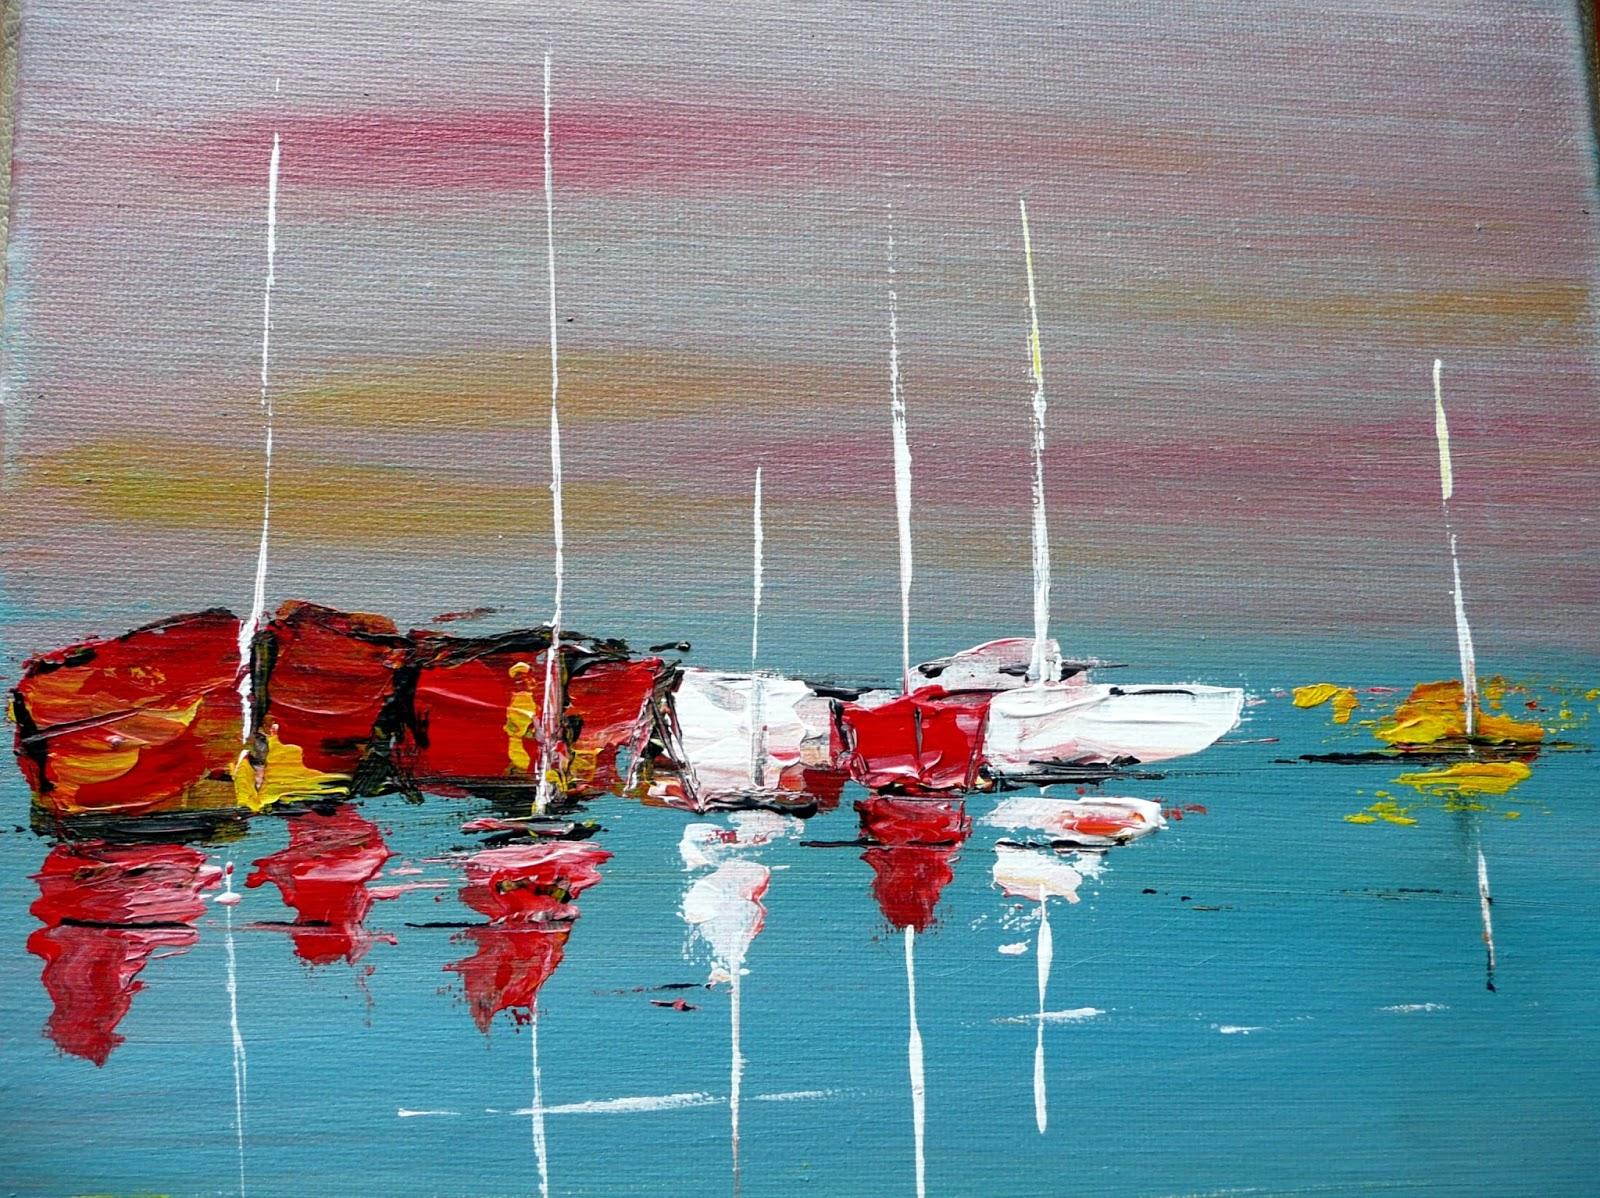 Nicole catt artiste peintre peinture acrylique Peinture impression